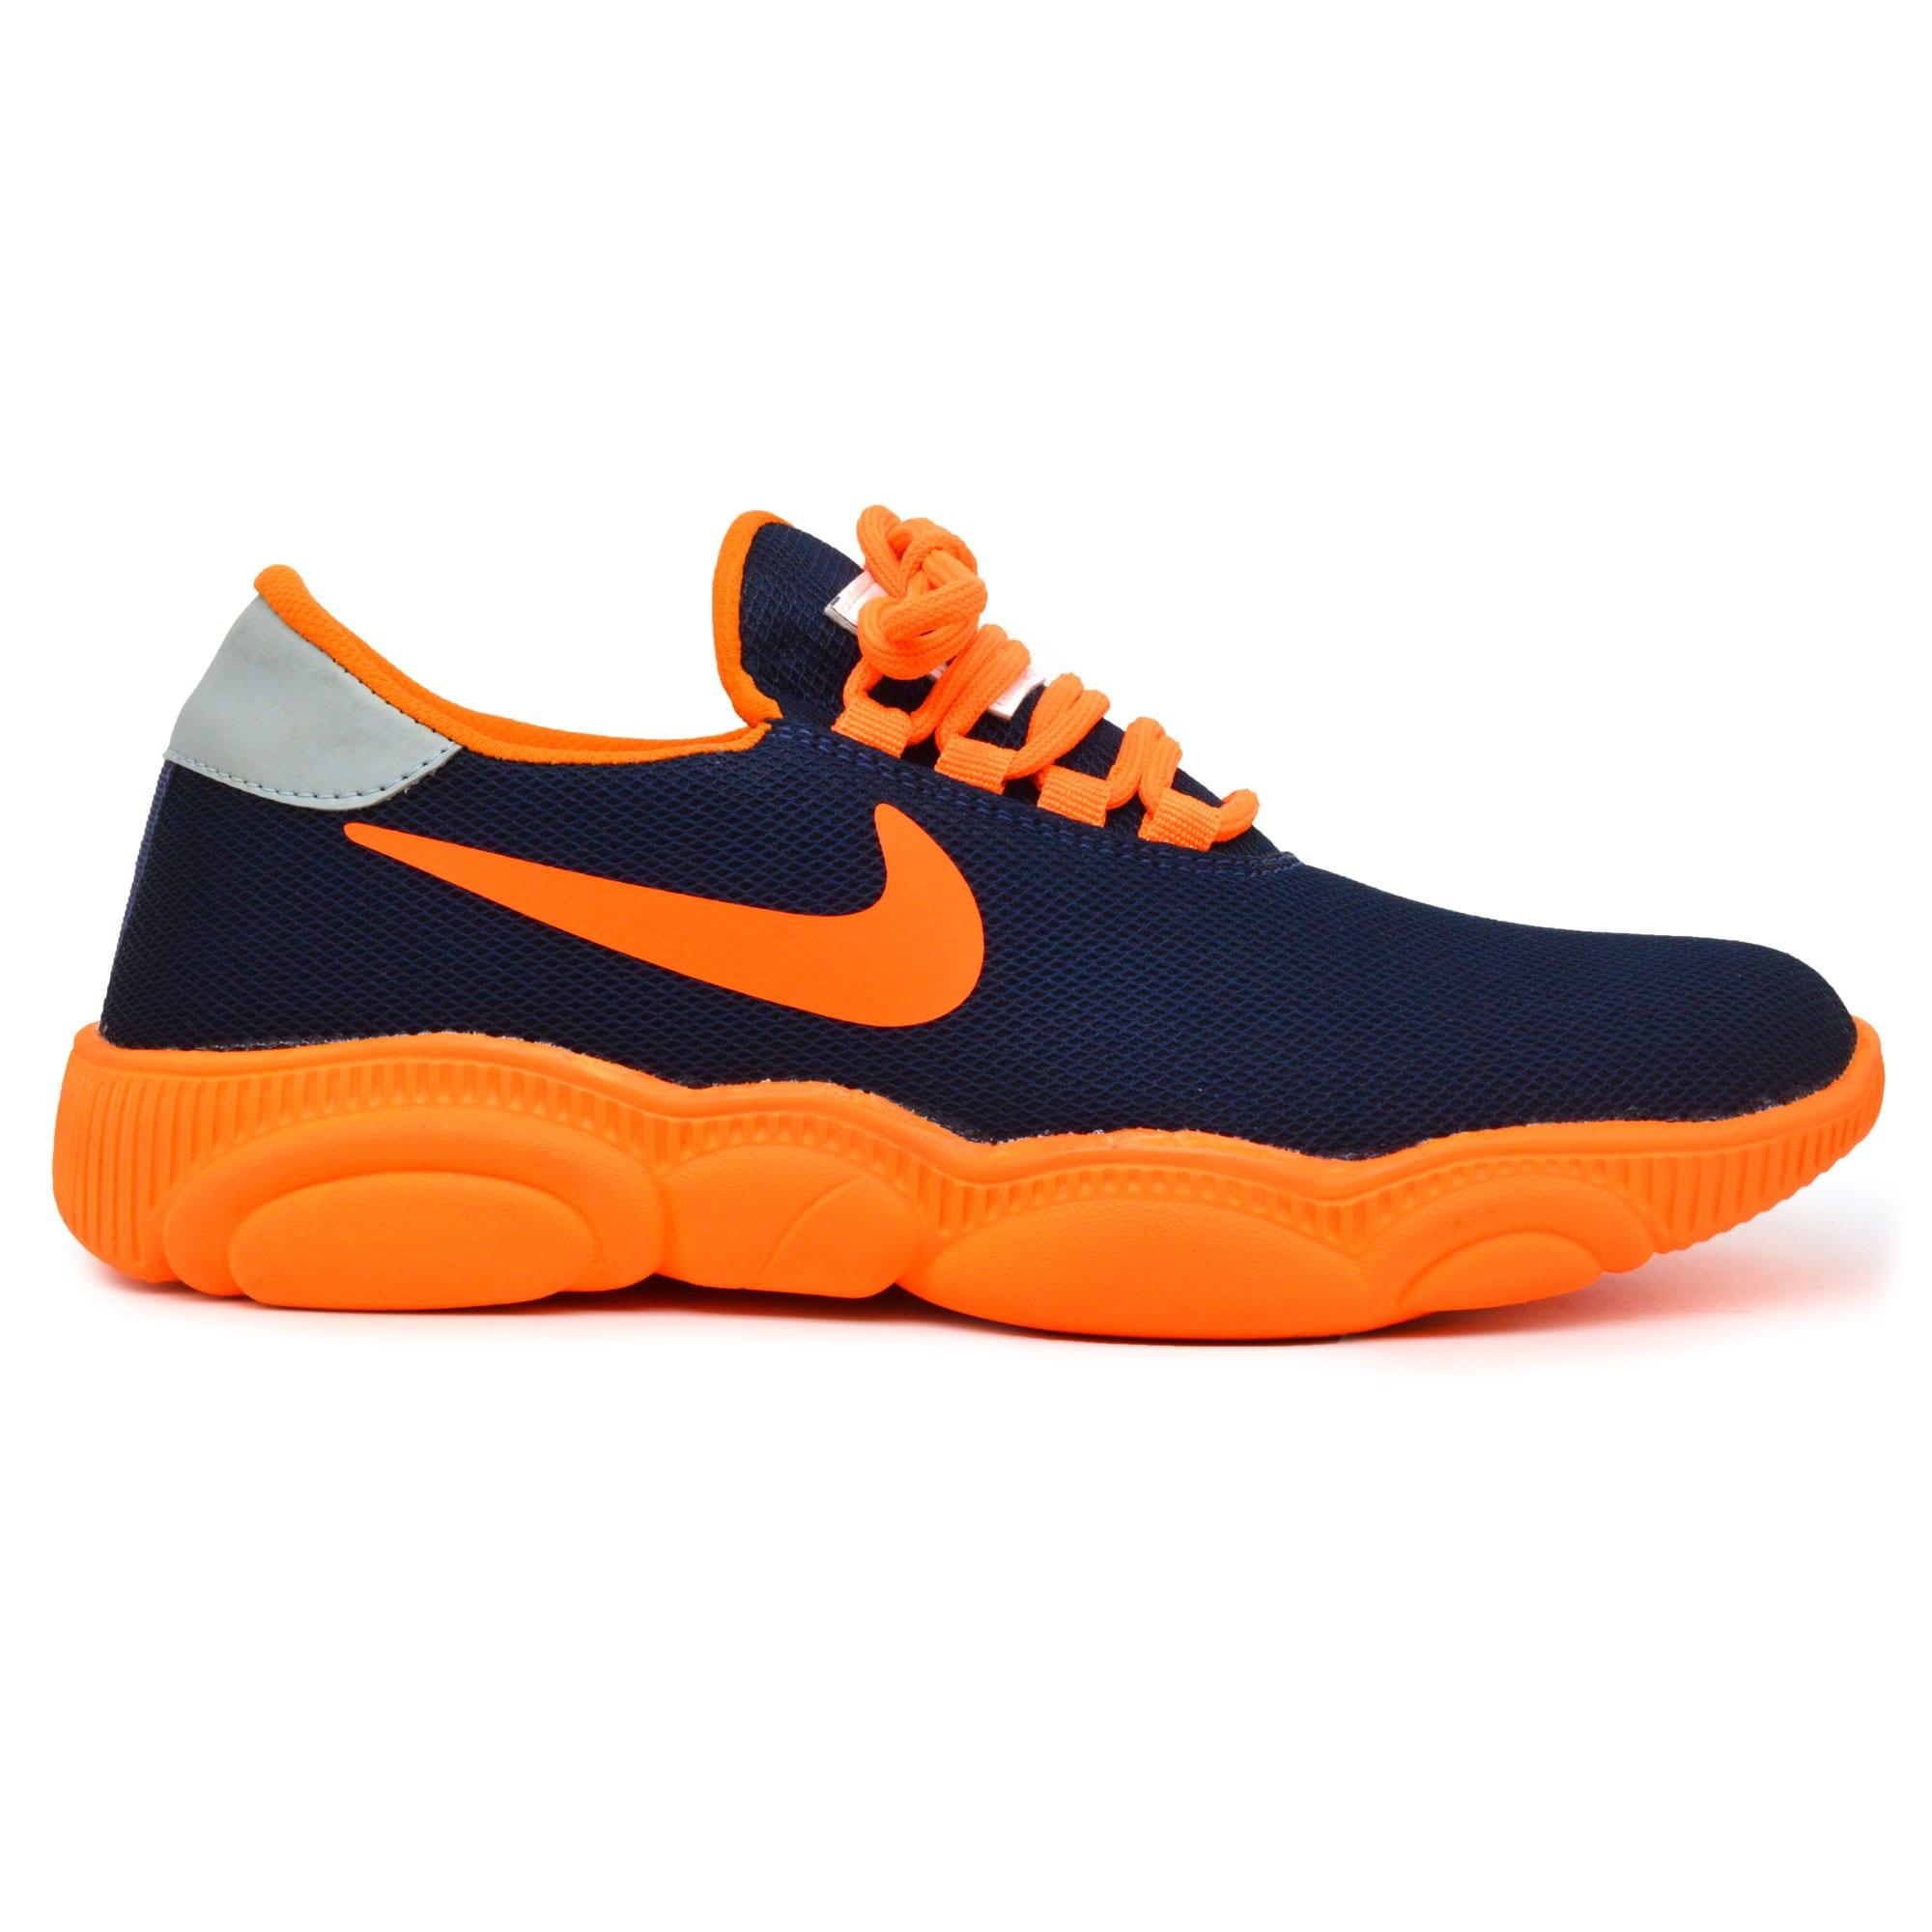 IMCOLUS16.171_NAVYBLUE  OUTDOOR WEAR & FLEXIBLE MENS Sports Shoes SHOES  IMCOLUS16.171NBLUE (NAVYBLUE,6TO10,8 PAIR)